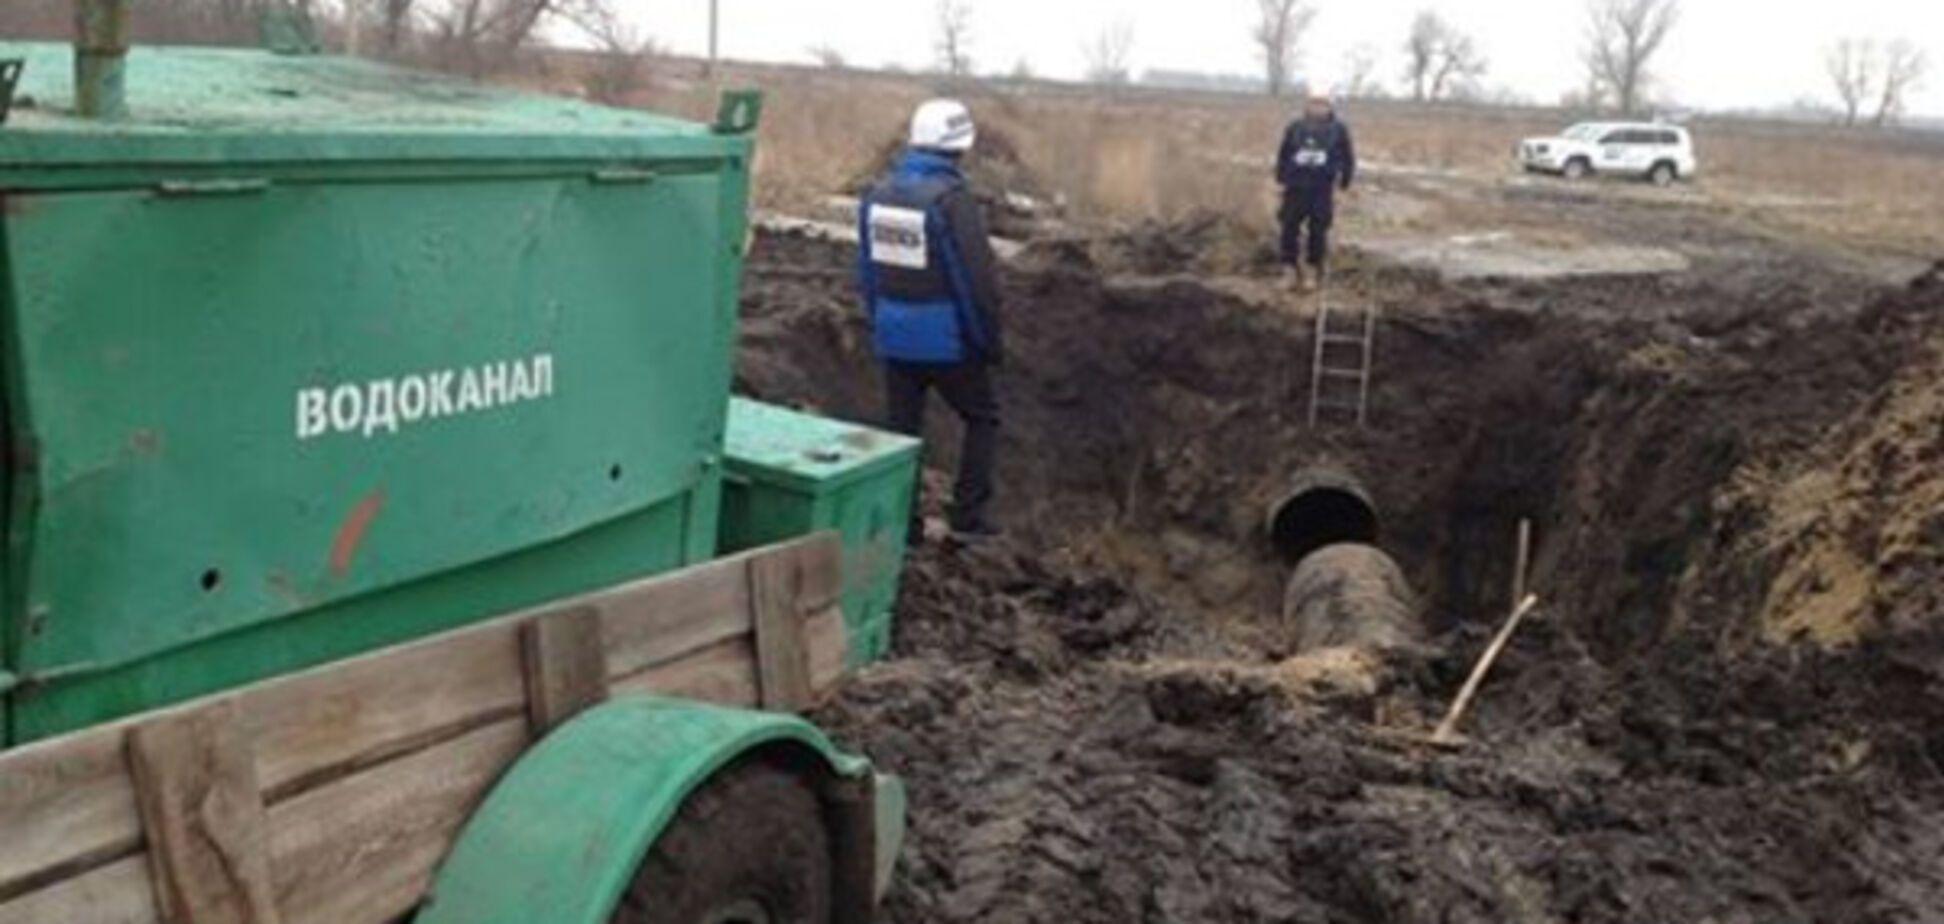 Прорыв трубопровода под Луганском